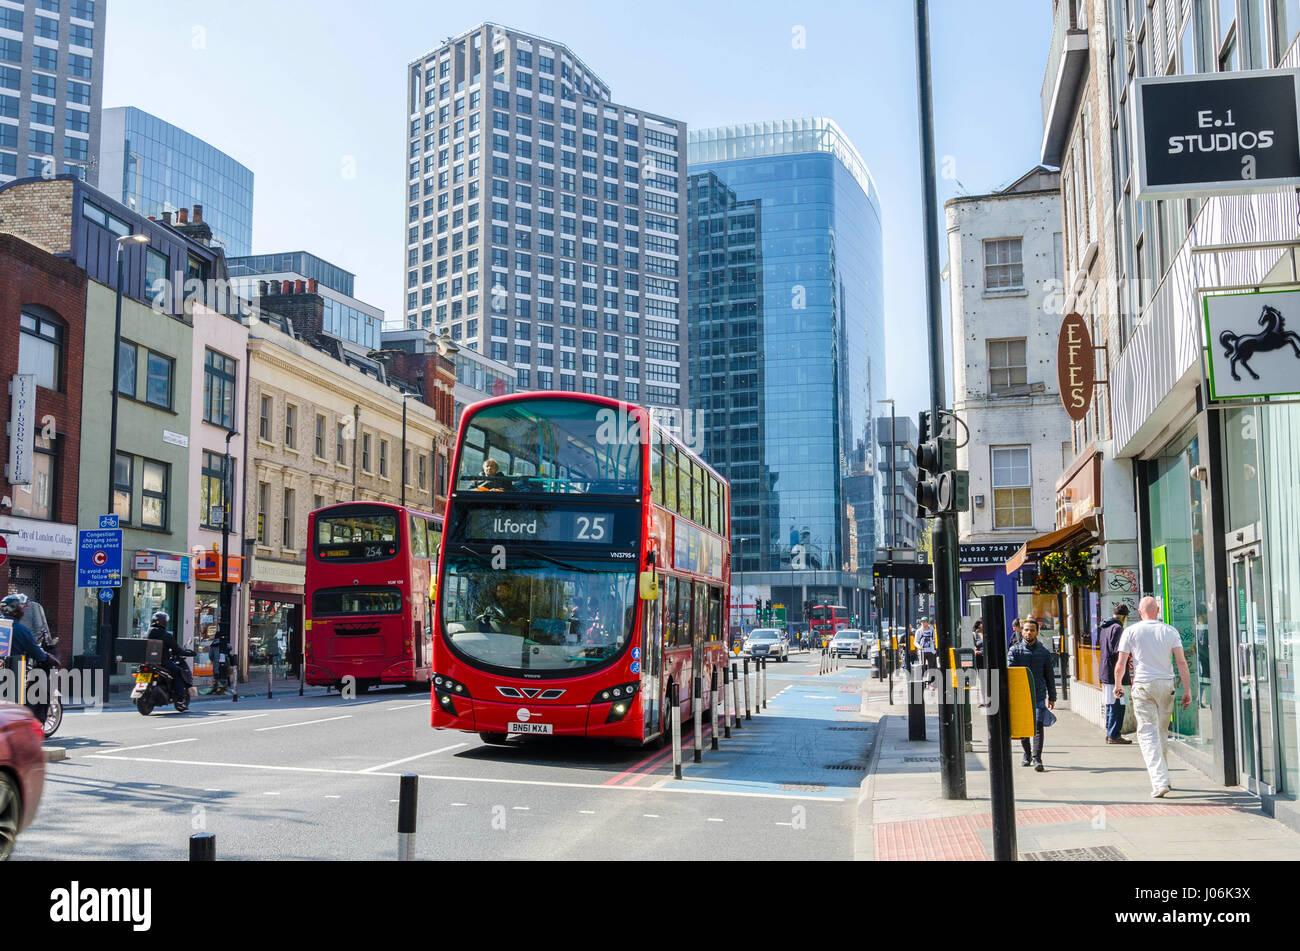 a-view-down-whitechapel-high-street-line